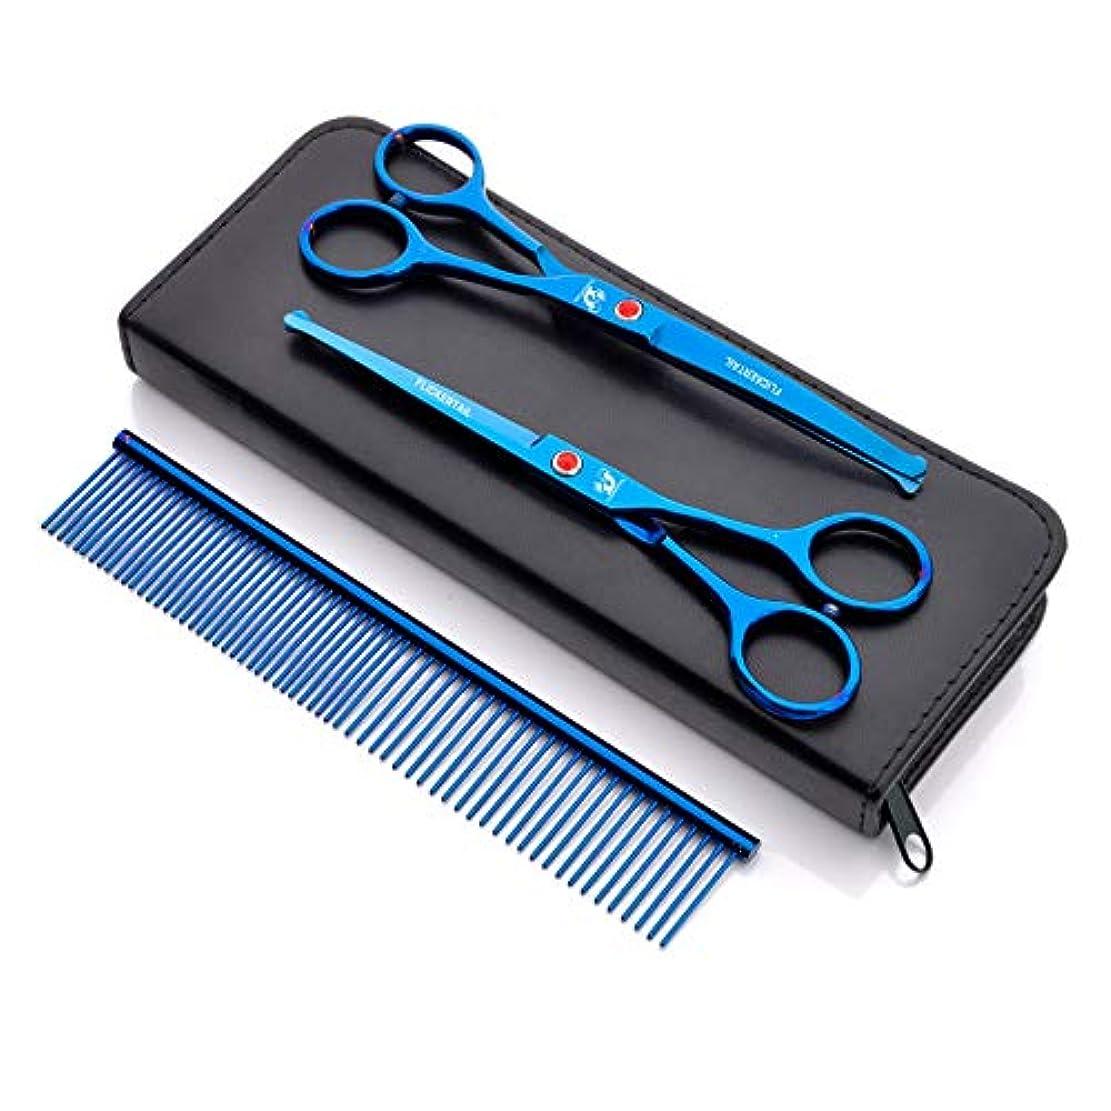 その間声を出して篭ラウンドヘッドペットの髪カットはさみ、プロのペットグルーミング精密安全はさみセット、ペットショップや個々のユーザーに適して,Blue